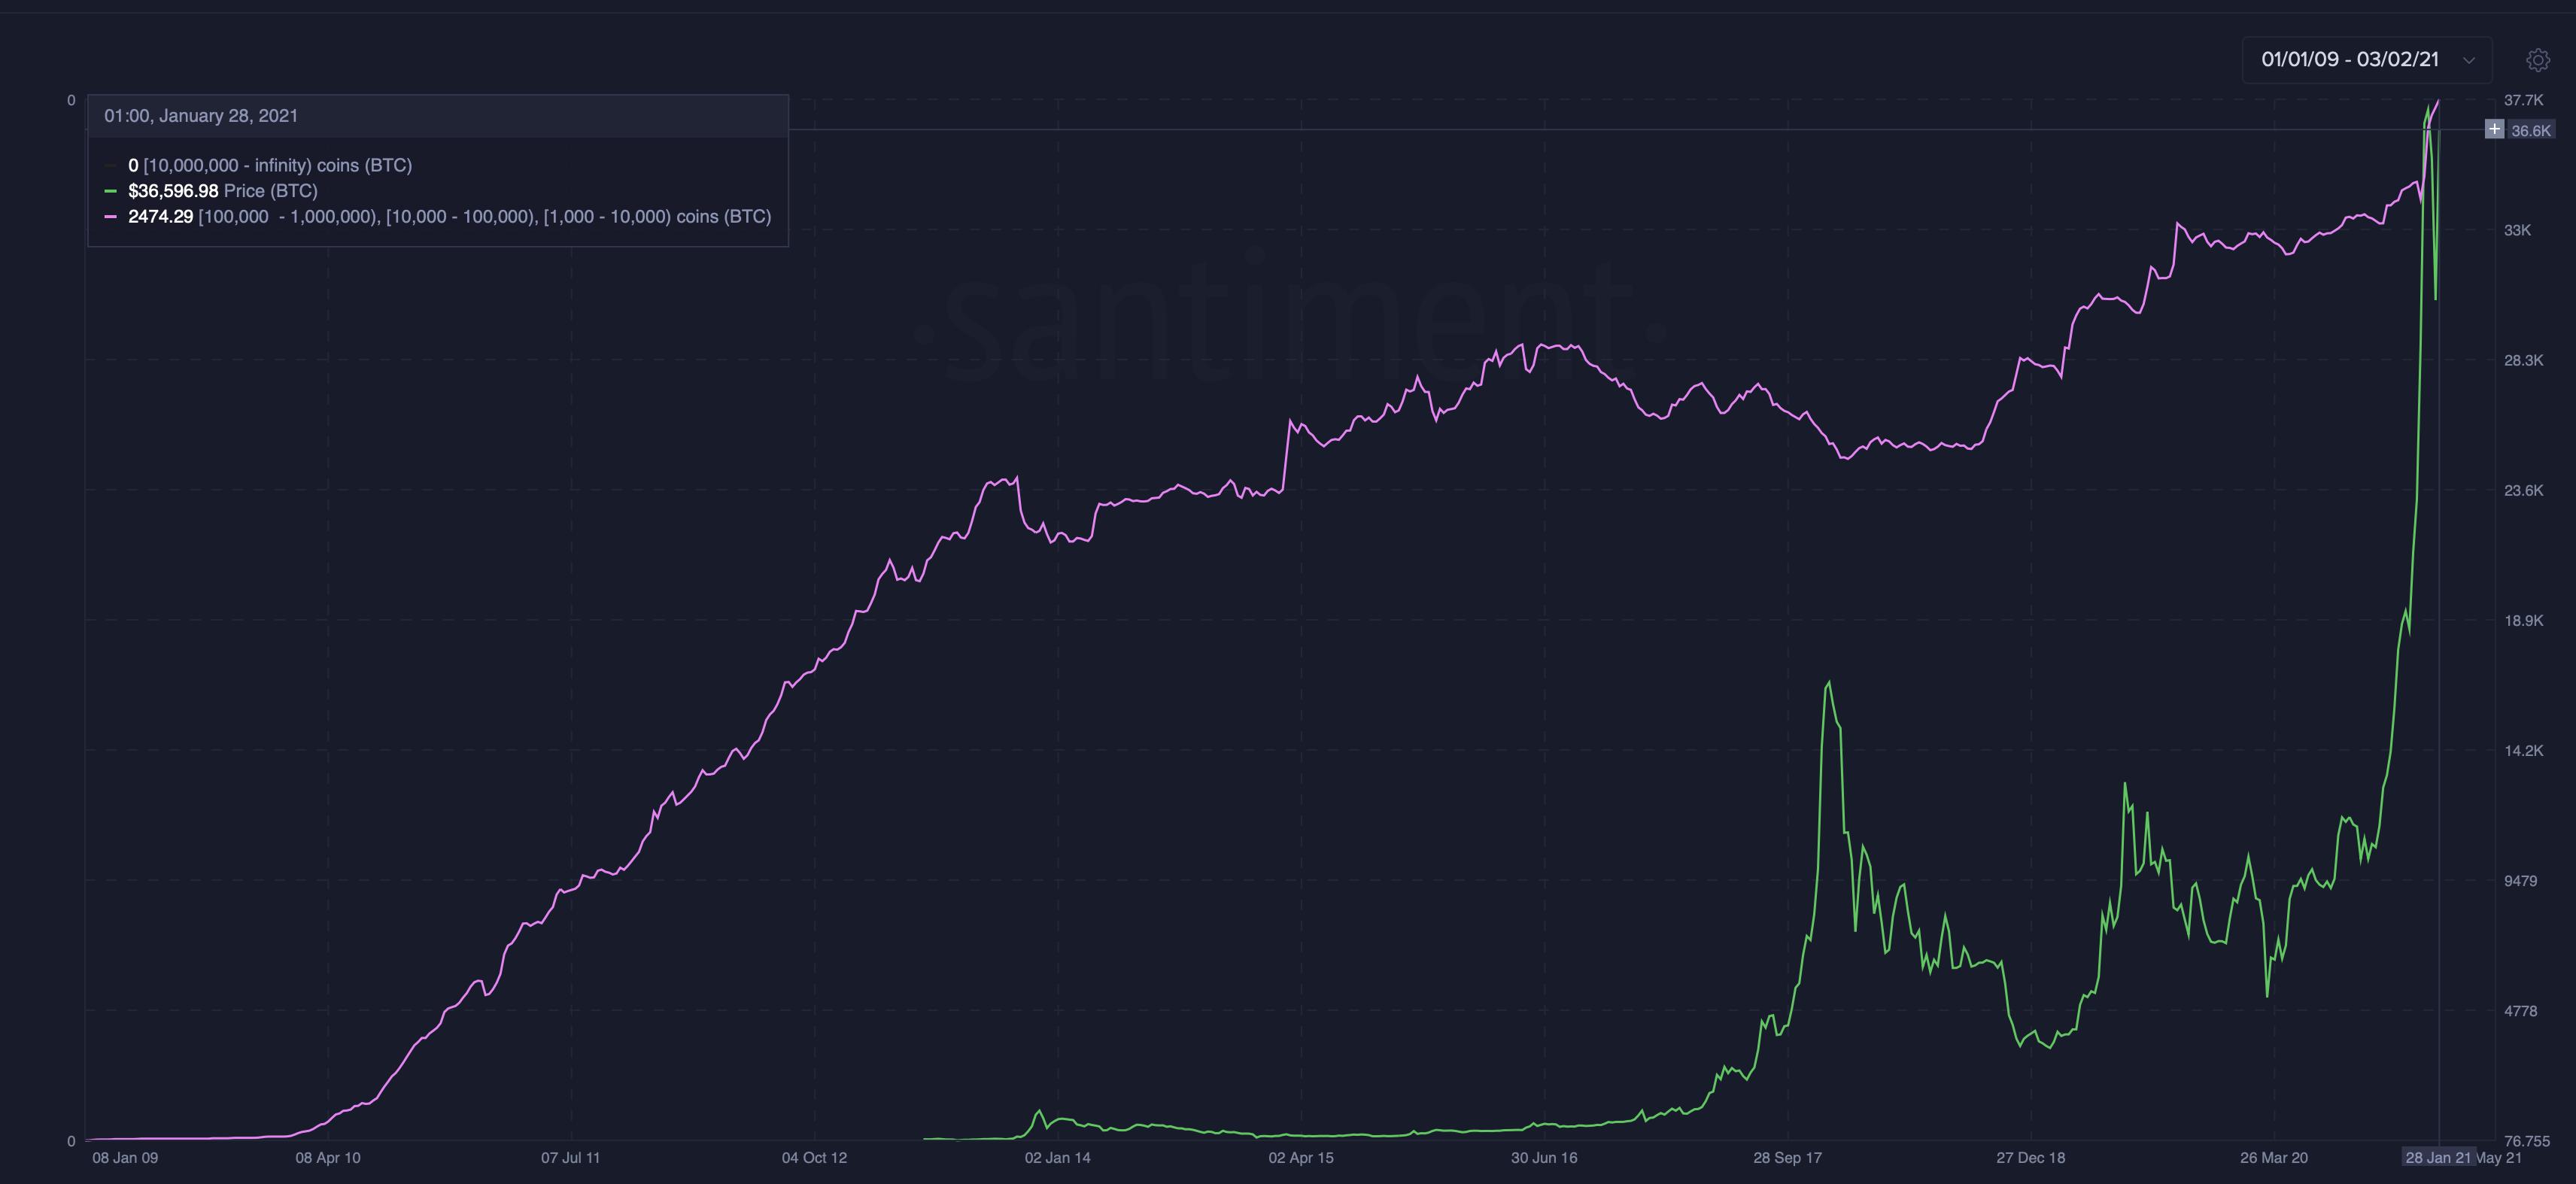 Legalább 1000 bitcoint birtokló tárcák száma I Cryptofalka